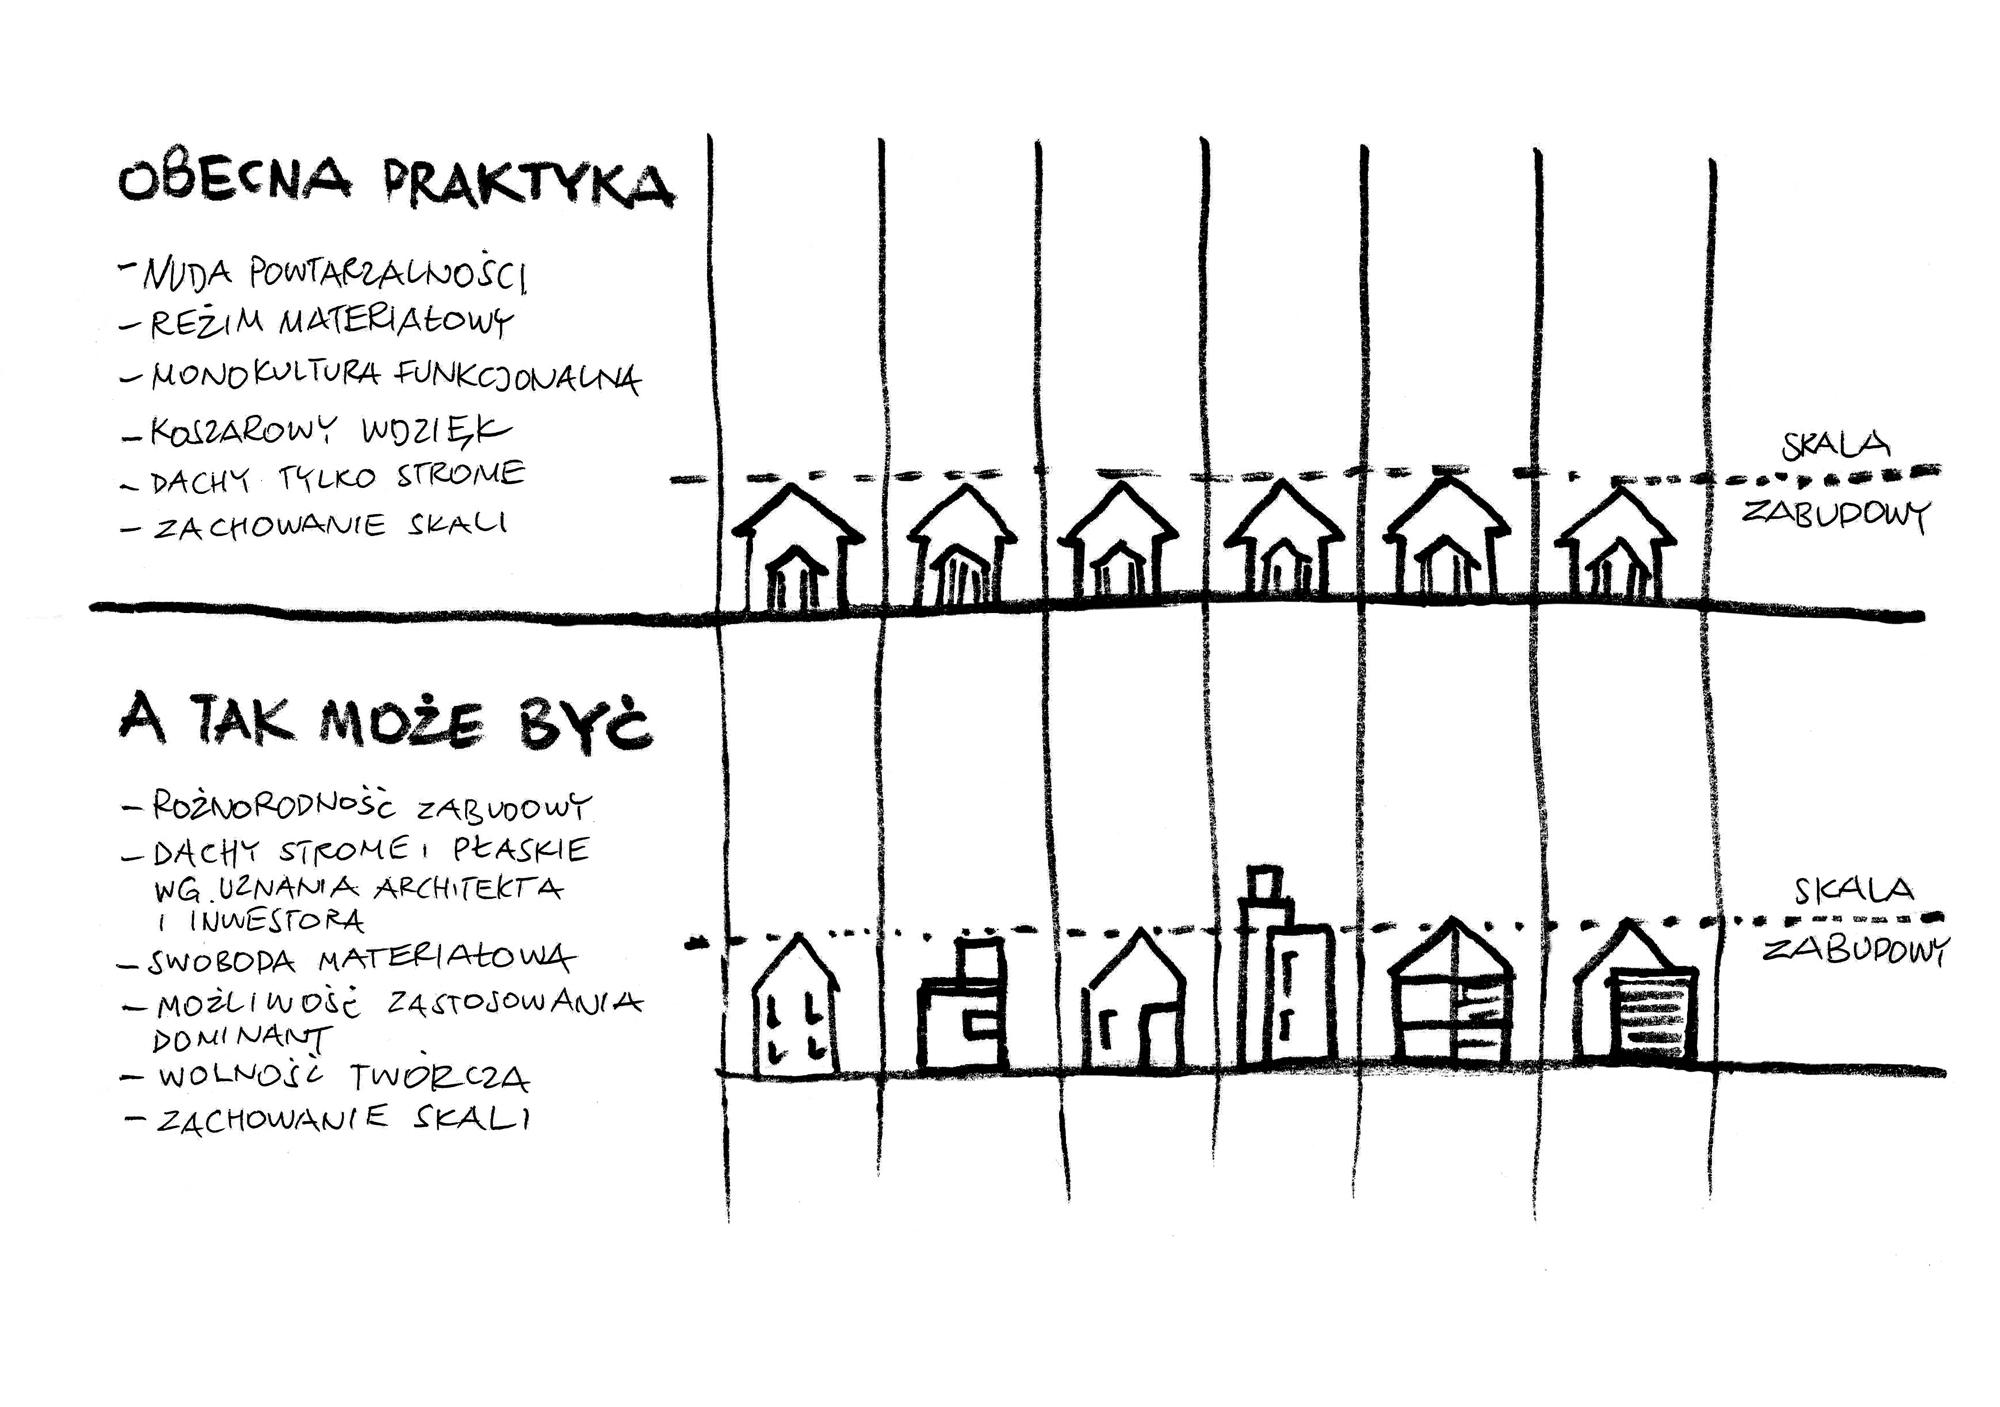 Ład przestrzenny - Wiekiera Architekci